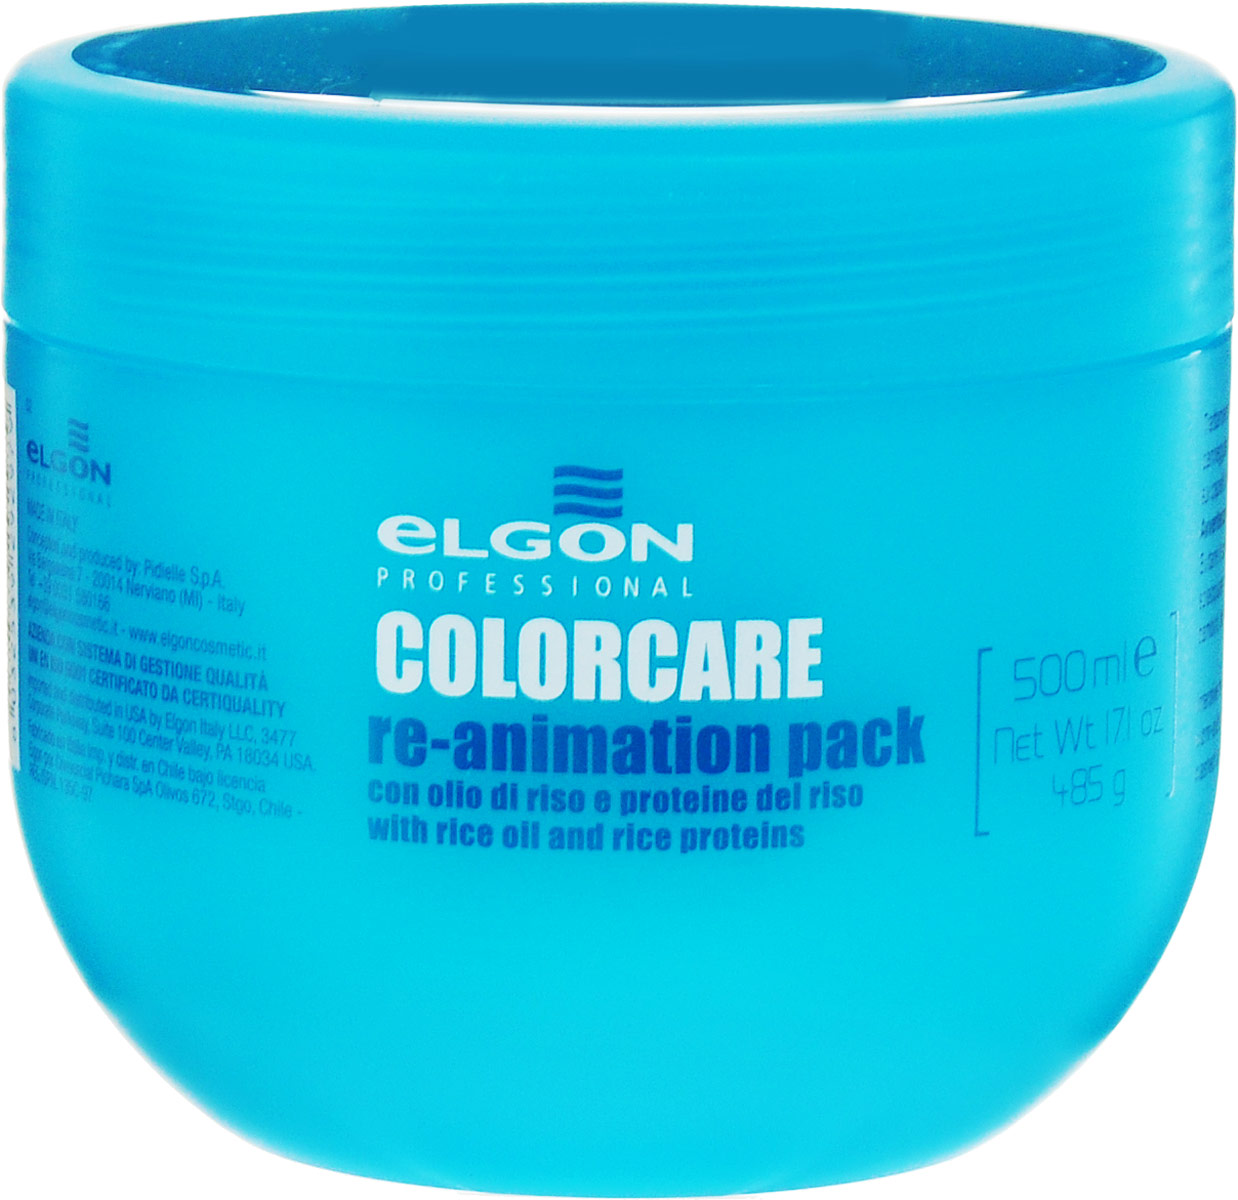 Elgon Color Care Маска востанавливающая для окрашенных и осветленных волос Re-Animation Pack, 500 мл1007020500Маска-кондиционер Elgon Re-Animation Pac предназначено для химически обработанных (окрашенных, осветленных и поврежденных) волос. Рисовые протеины и масло надстраивают структуру поврежденных волос, питают и увлажняют волосы, устраняя эффекты сухости и пористости. Маска придает волосам блеск, увеличивает стойкость цвета, облегчает расчесывание. Делает волосы эластичными, упругими. Защищает от механического повреждения, препятствует появлению секущихся кончиков. Товар сертифицирован.